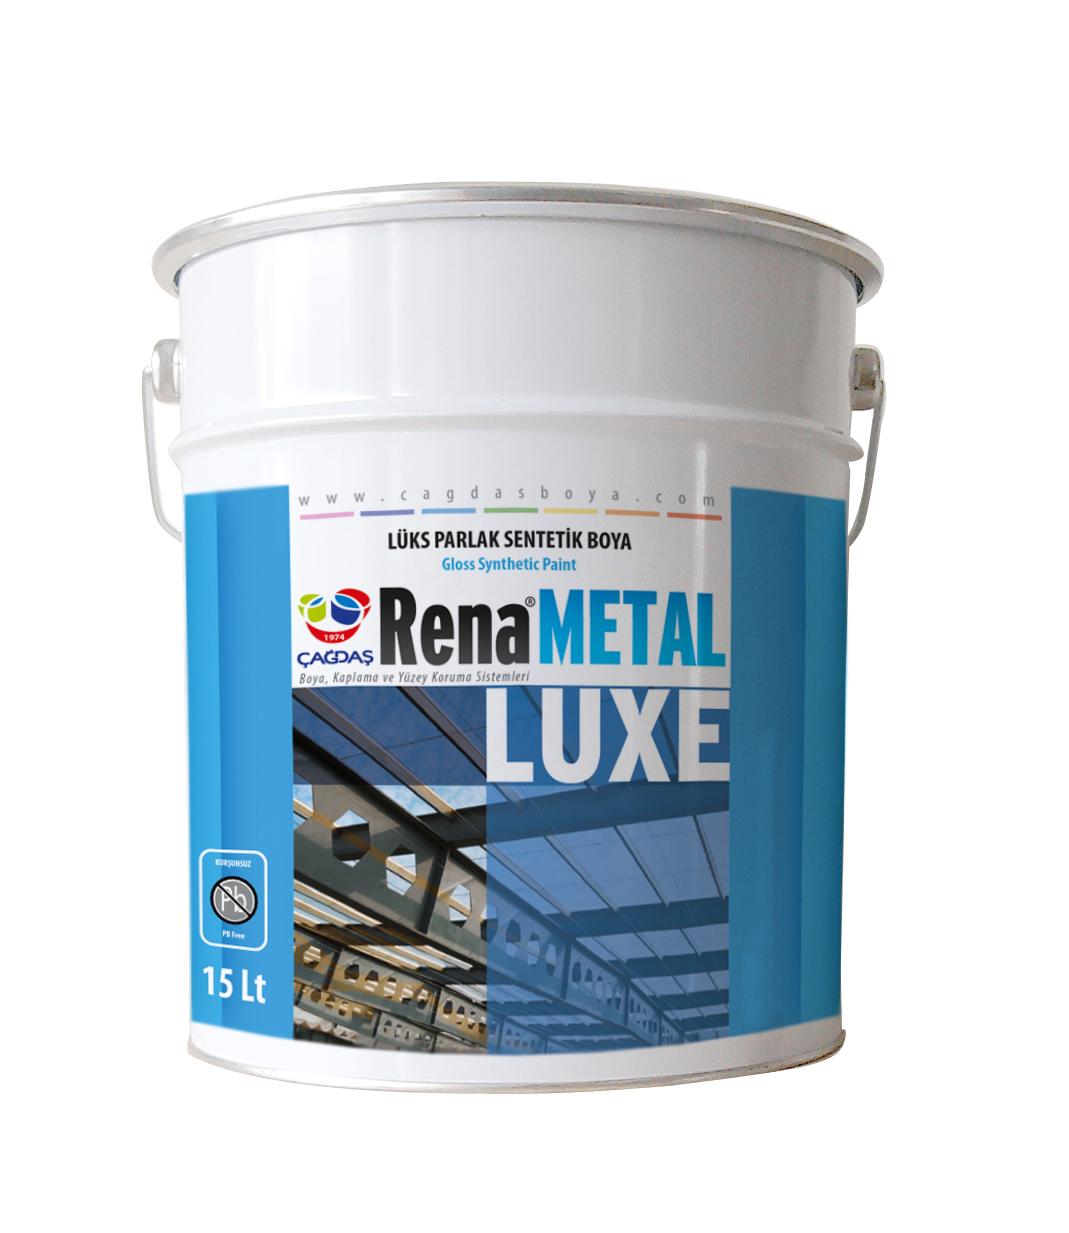 Rena Metal Luxe